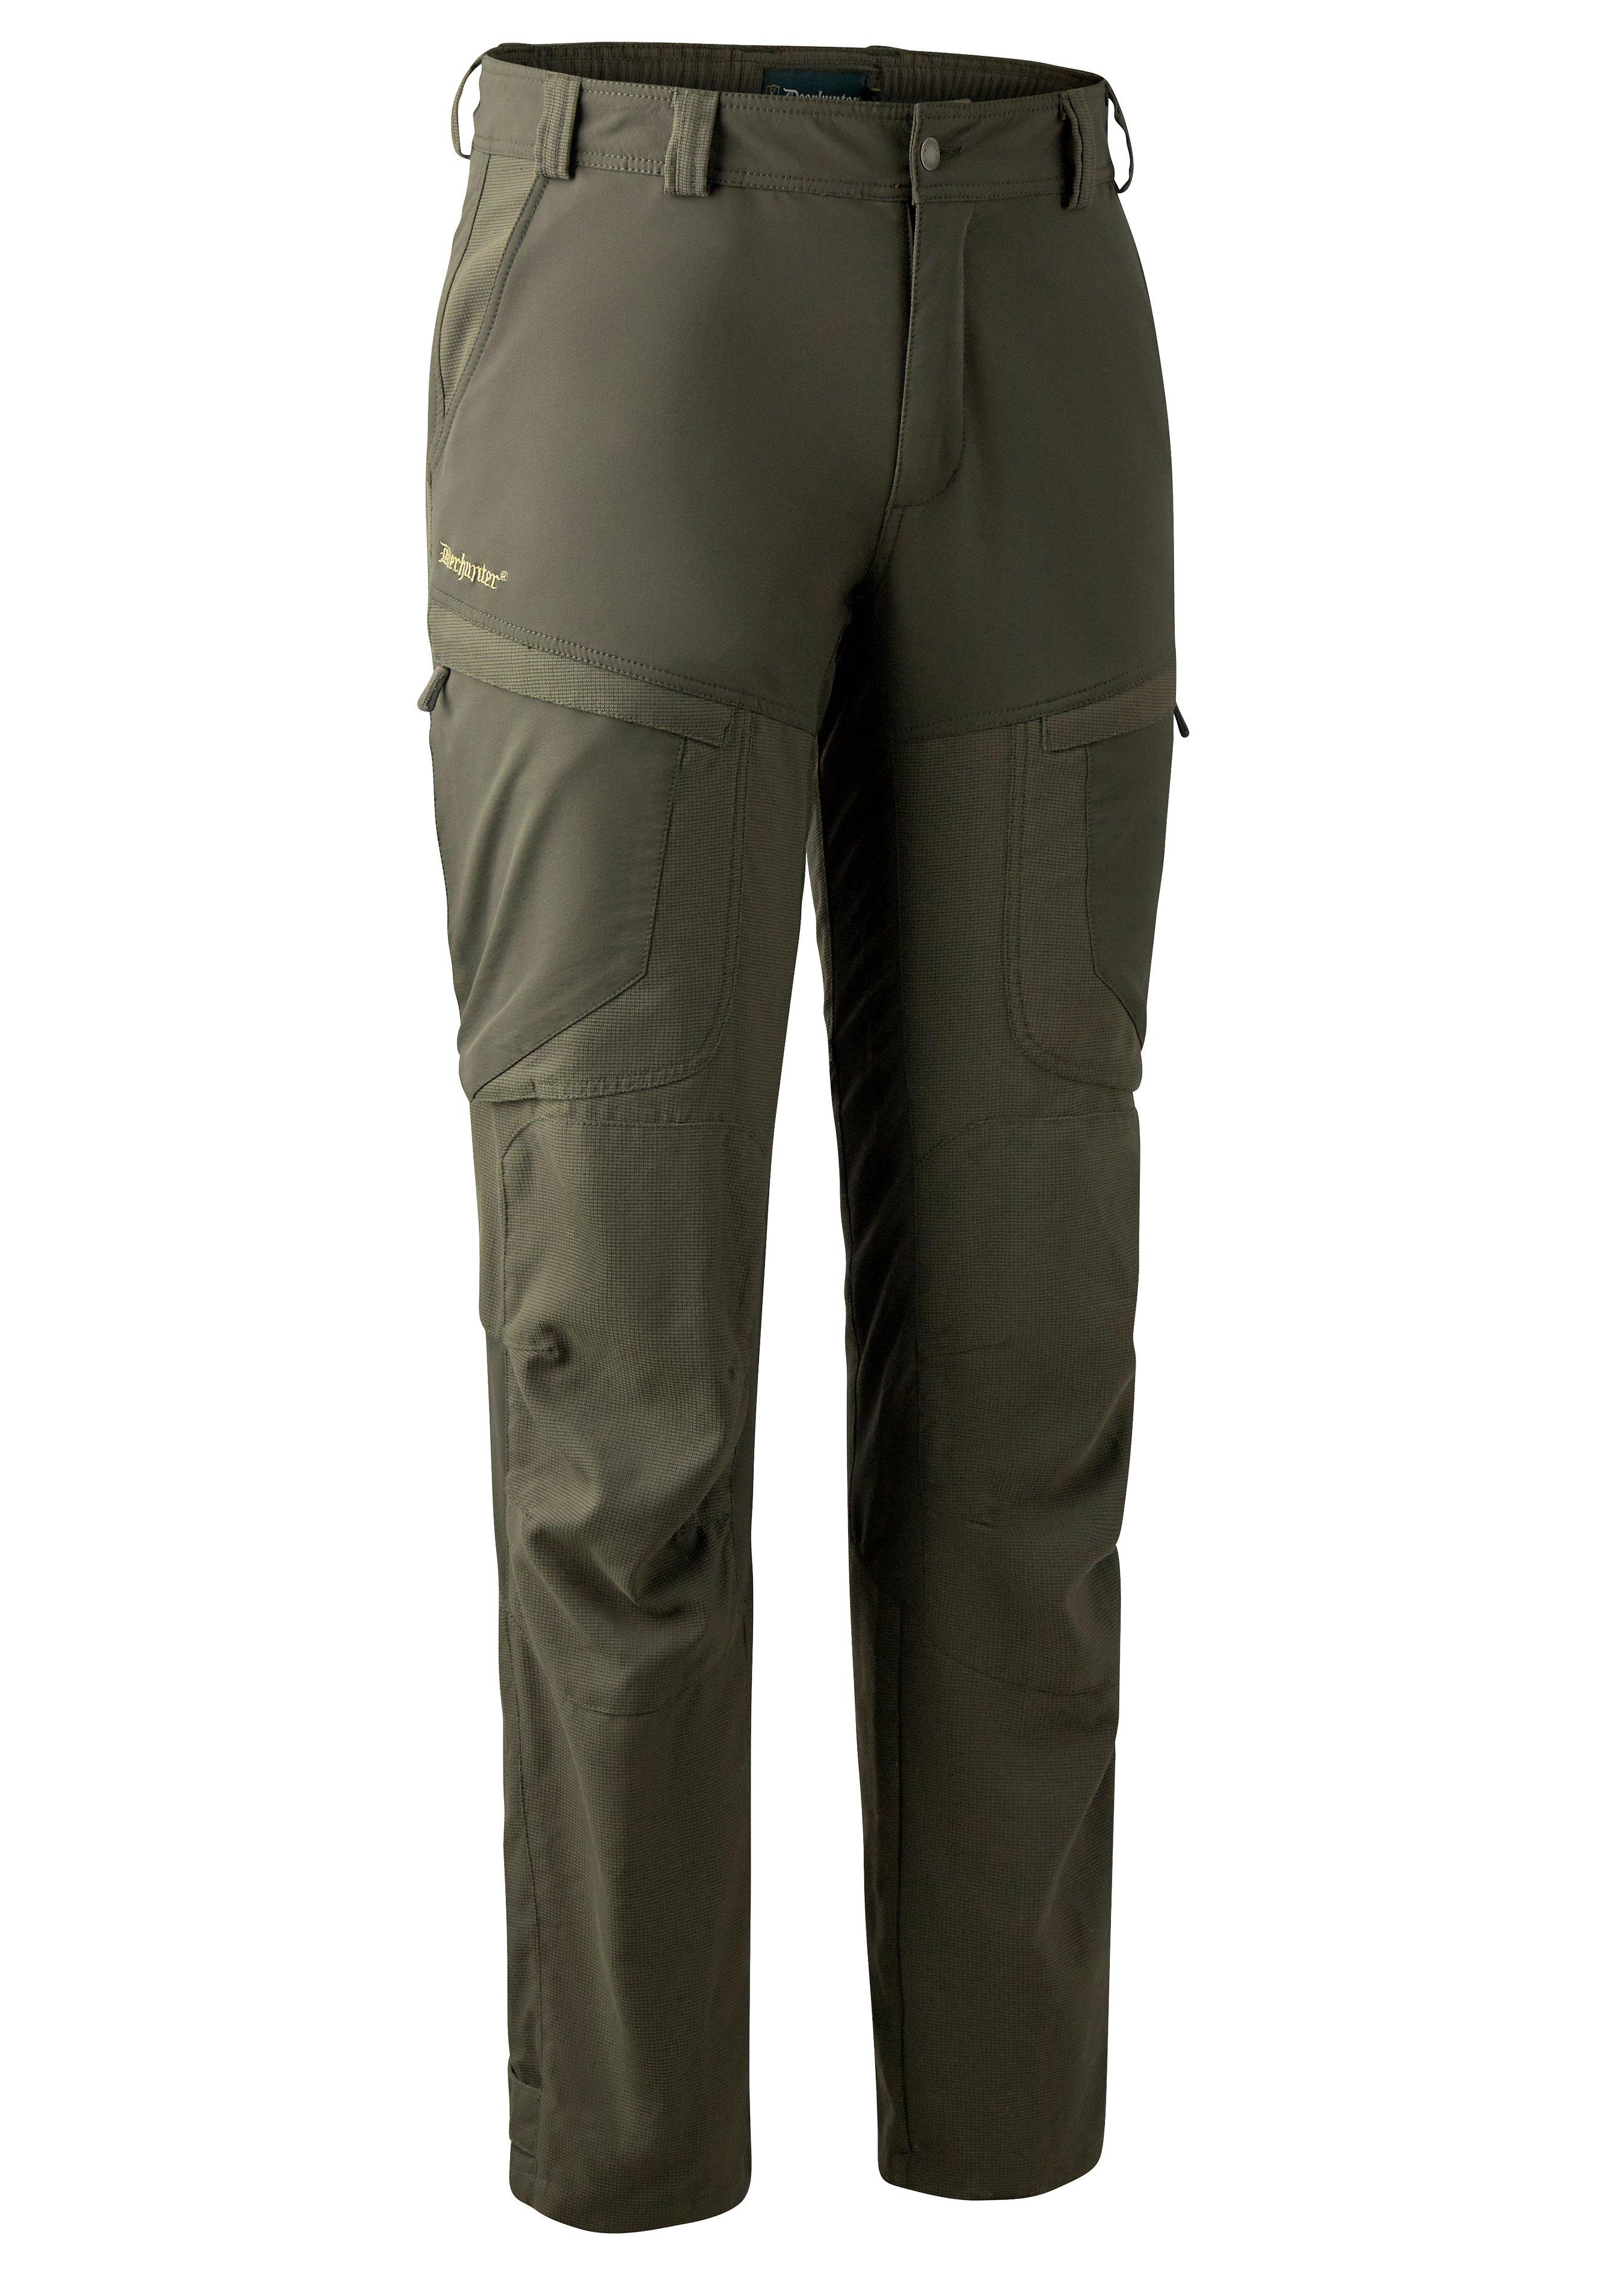 Deerhunter Jagd-Stretchhose Strike Extrem 28692442 1